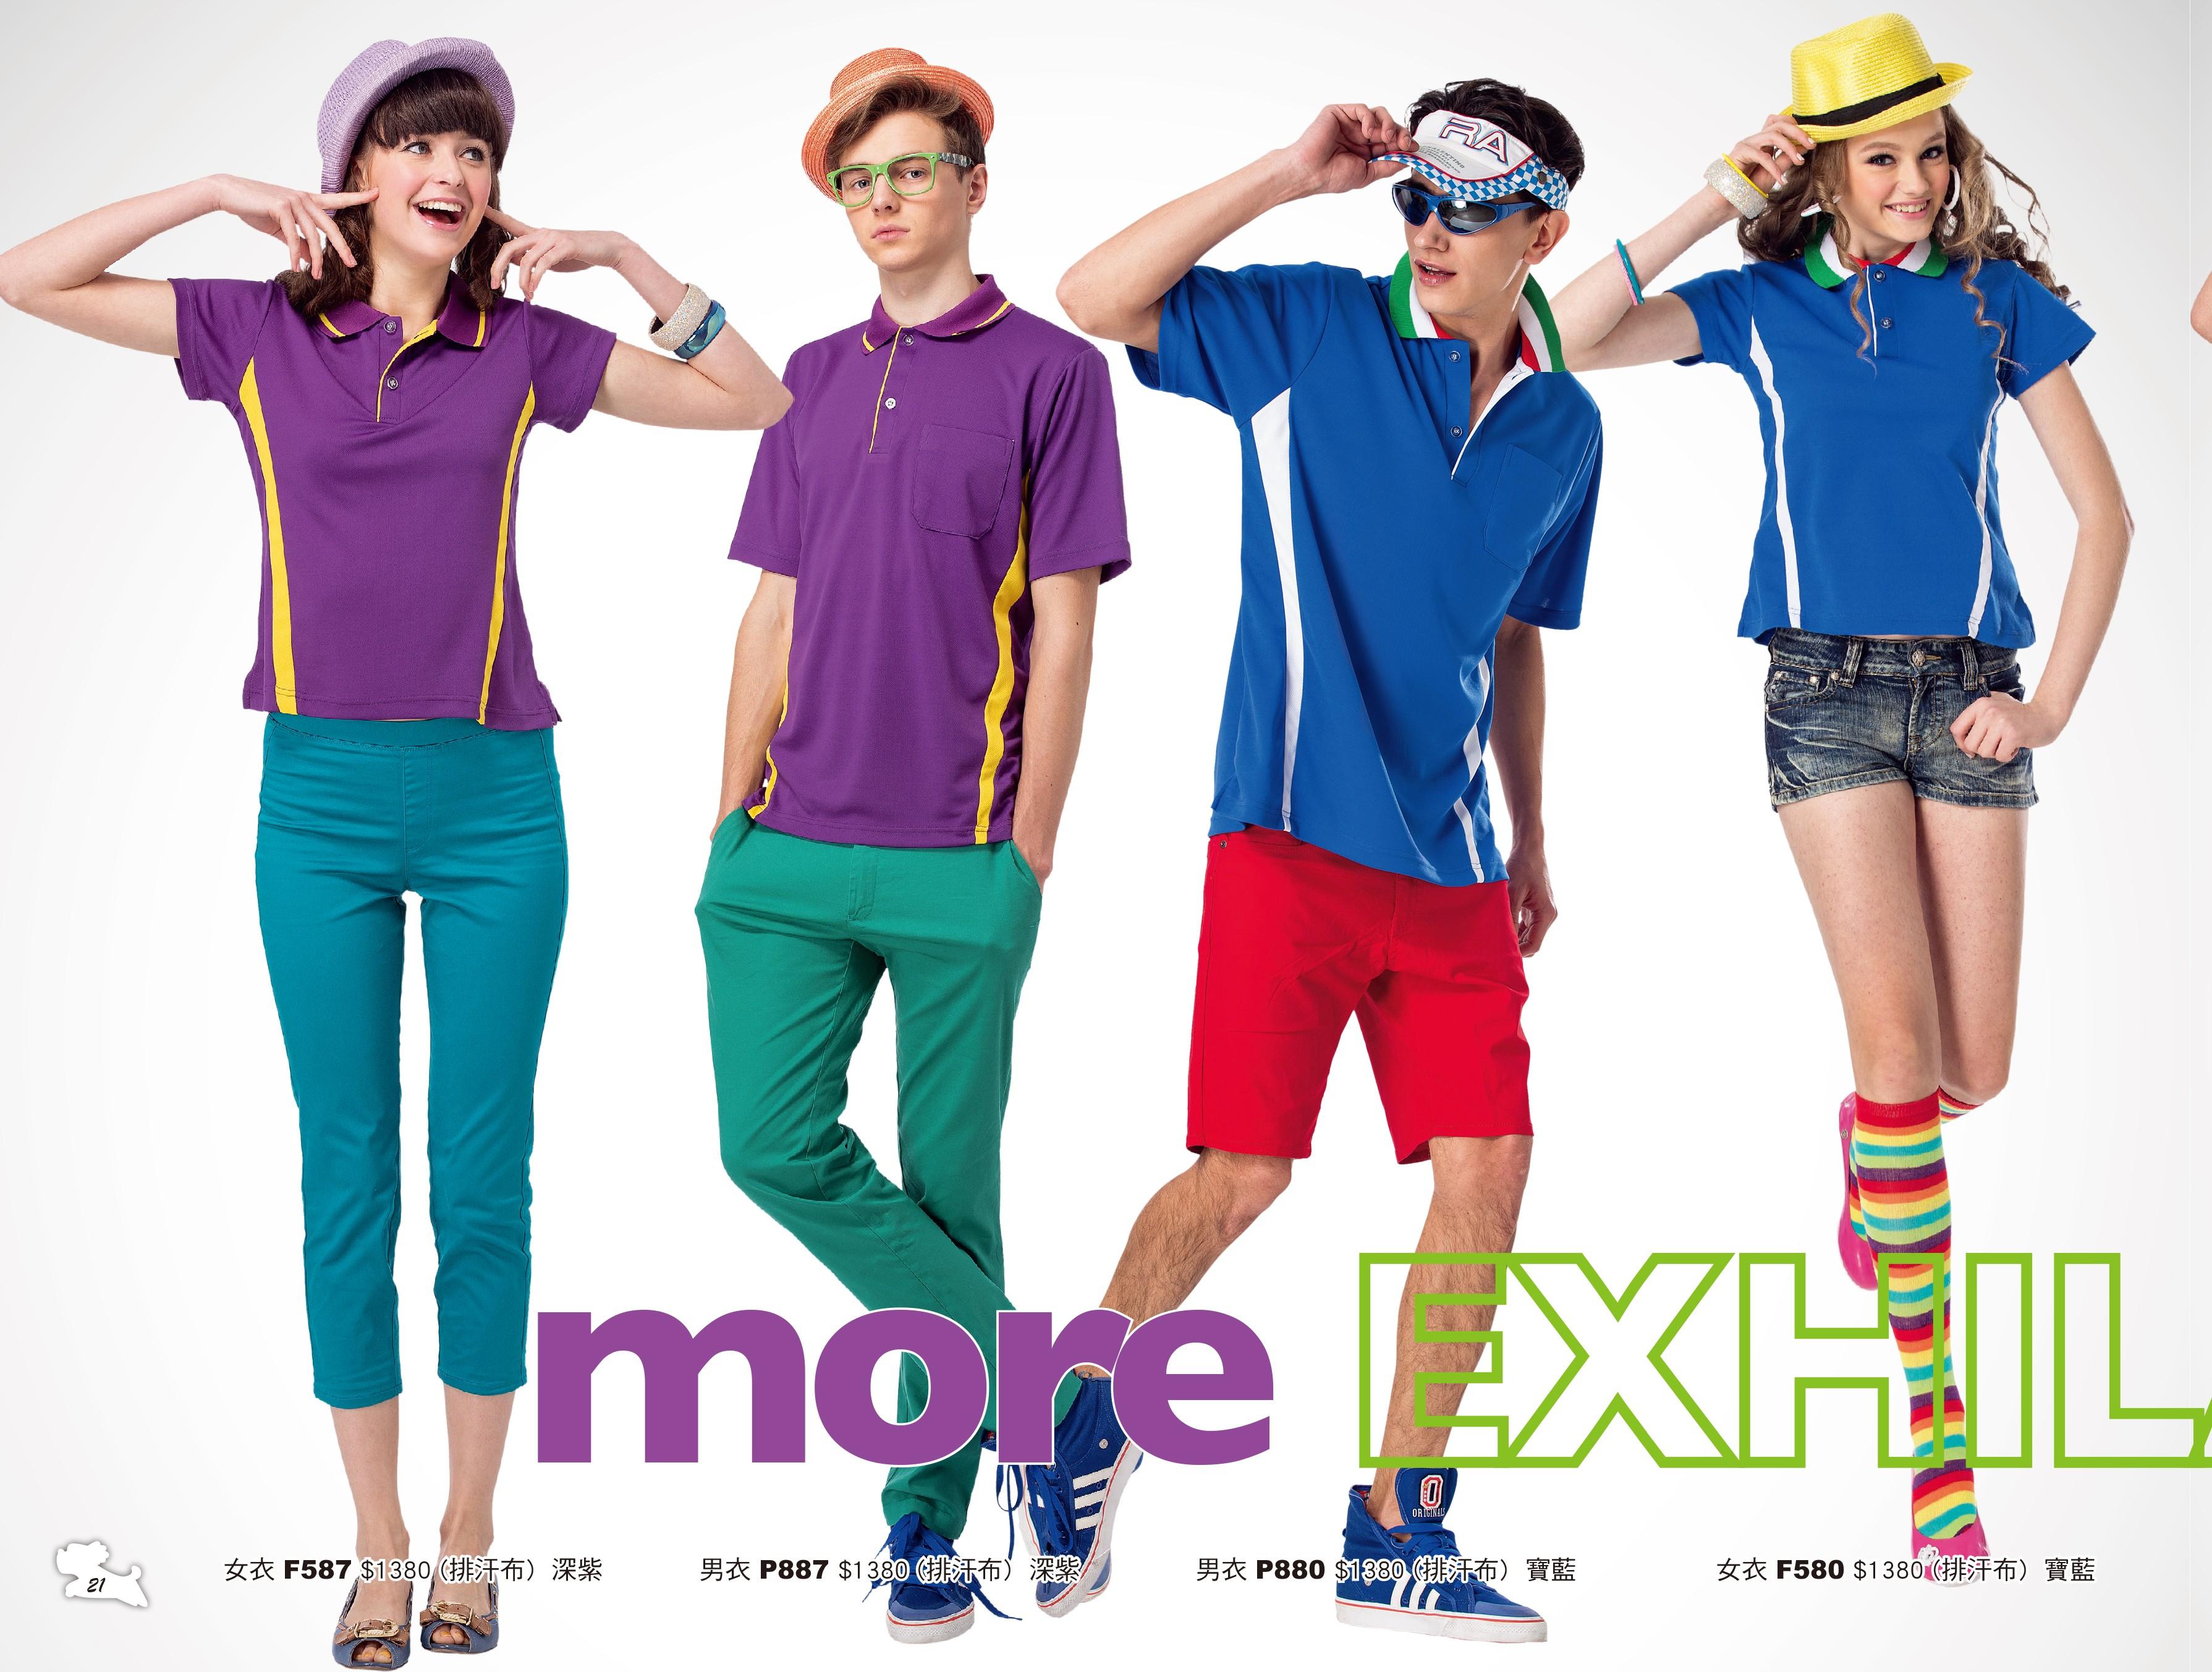 短袖排汗衣:男深紫P887、女深紫F587